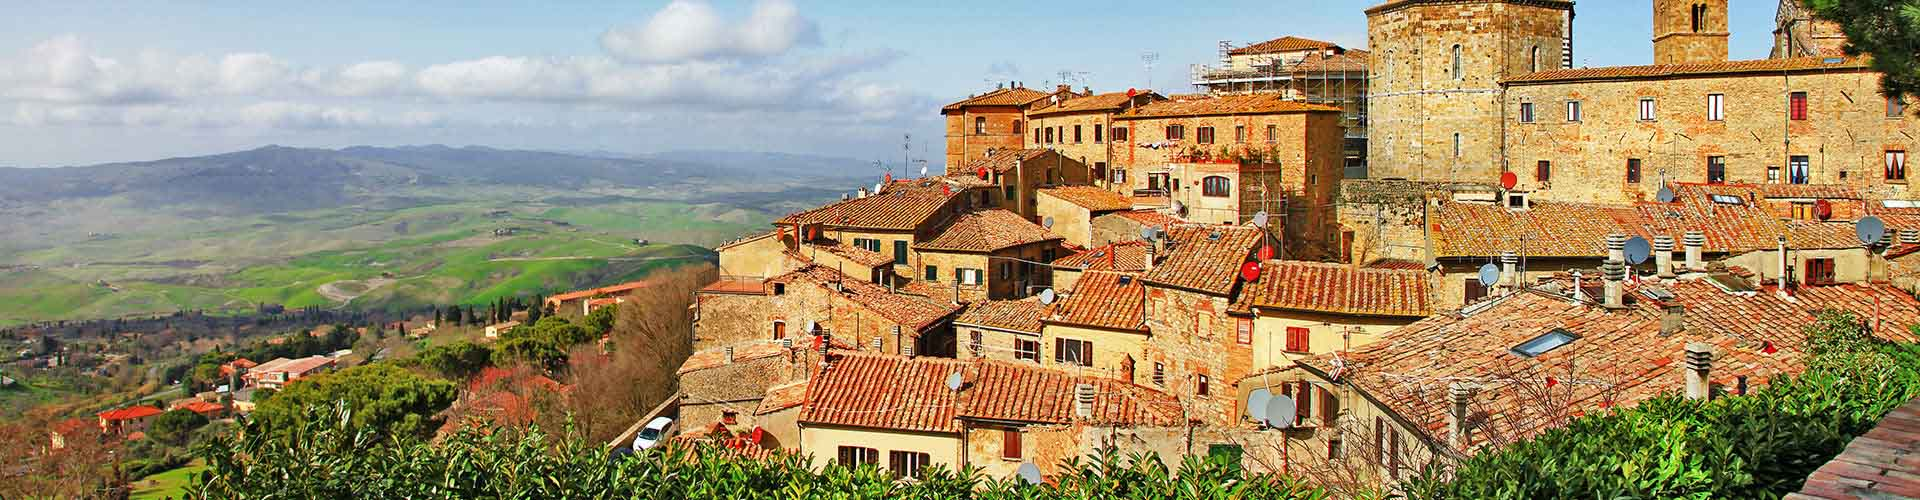 Volterra - Hostales en Volterra. Mapas de Volterra, Fotos y comentarios de cada Hostal en Volterra.